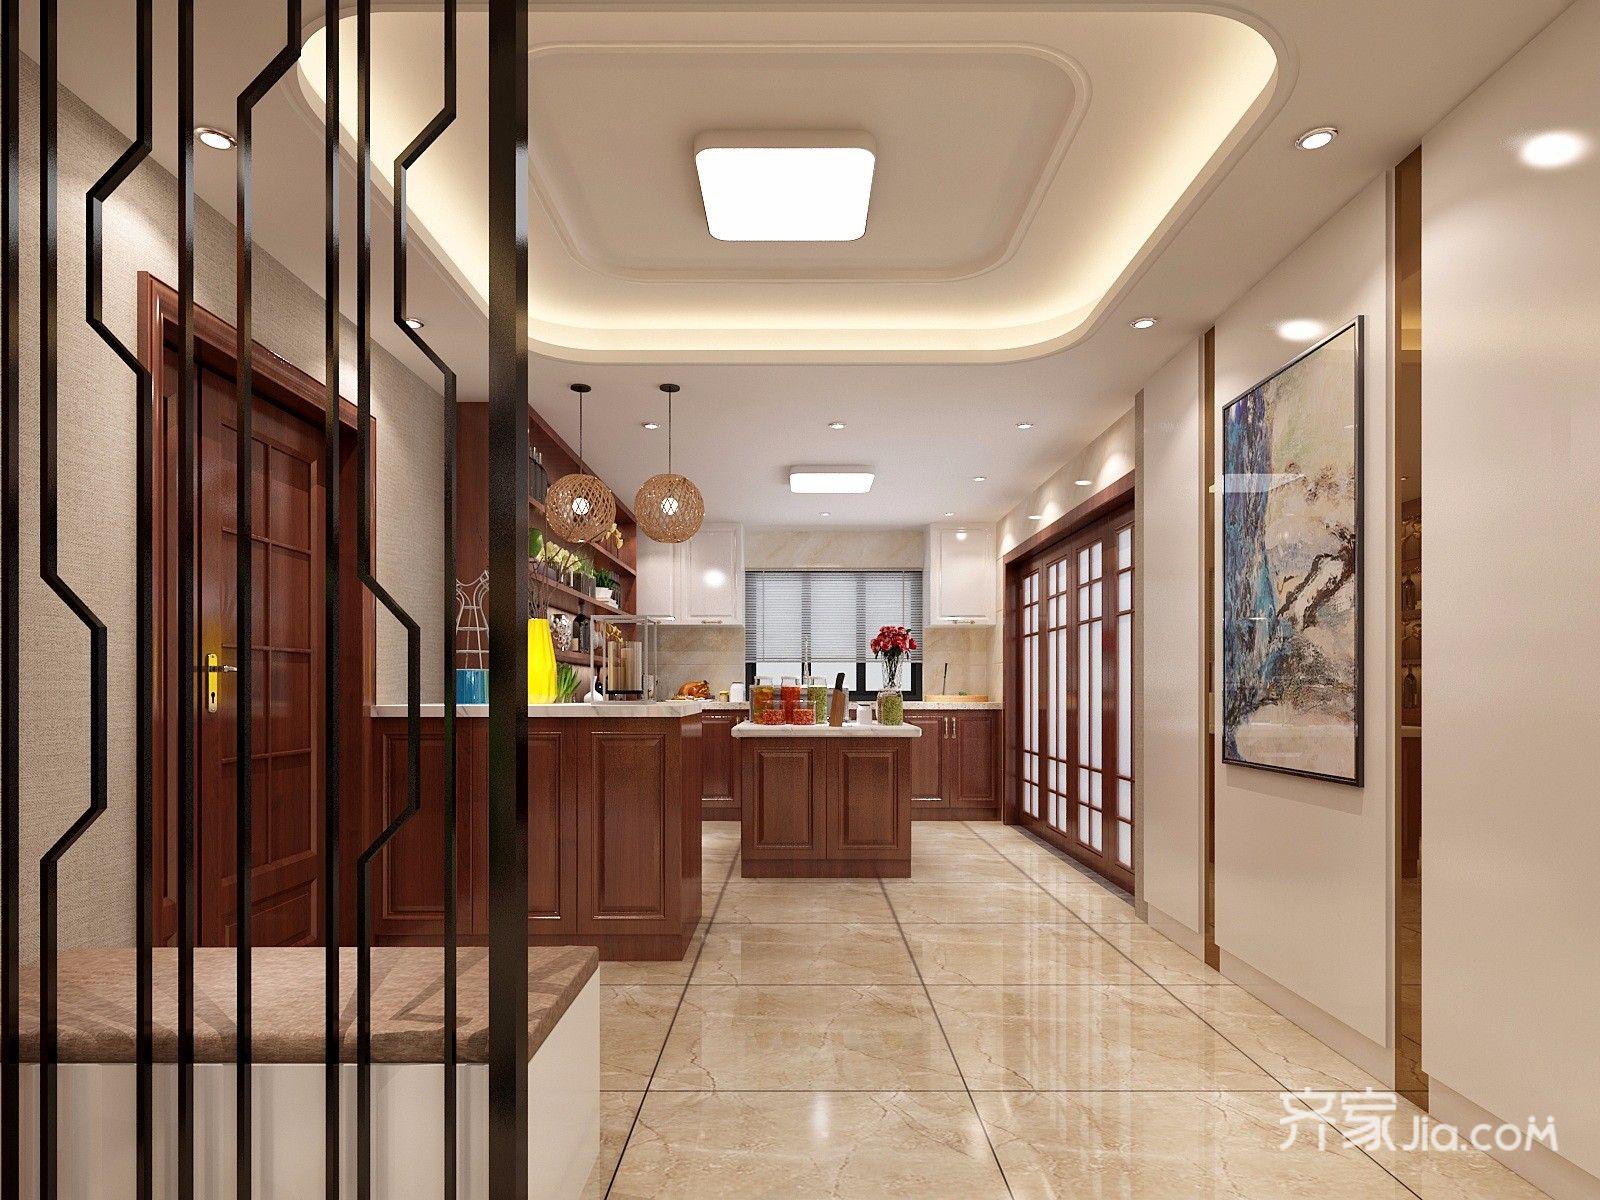 新古典风格四居室厨房装修效果图